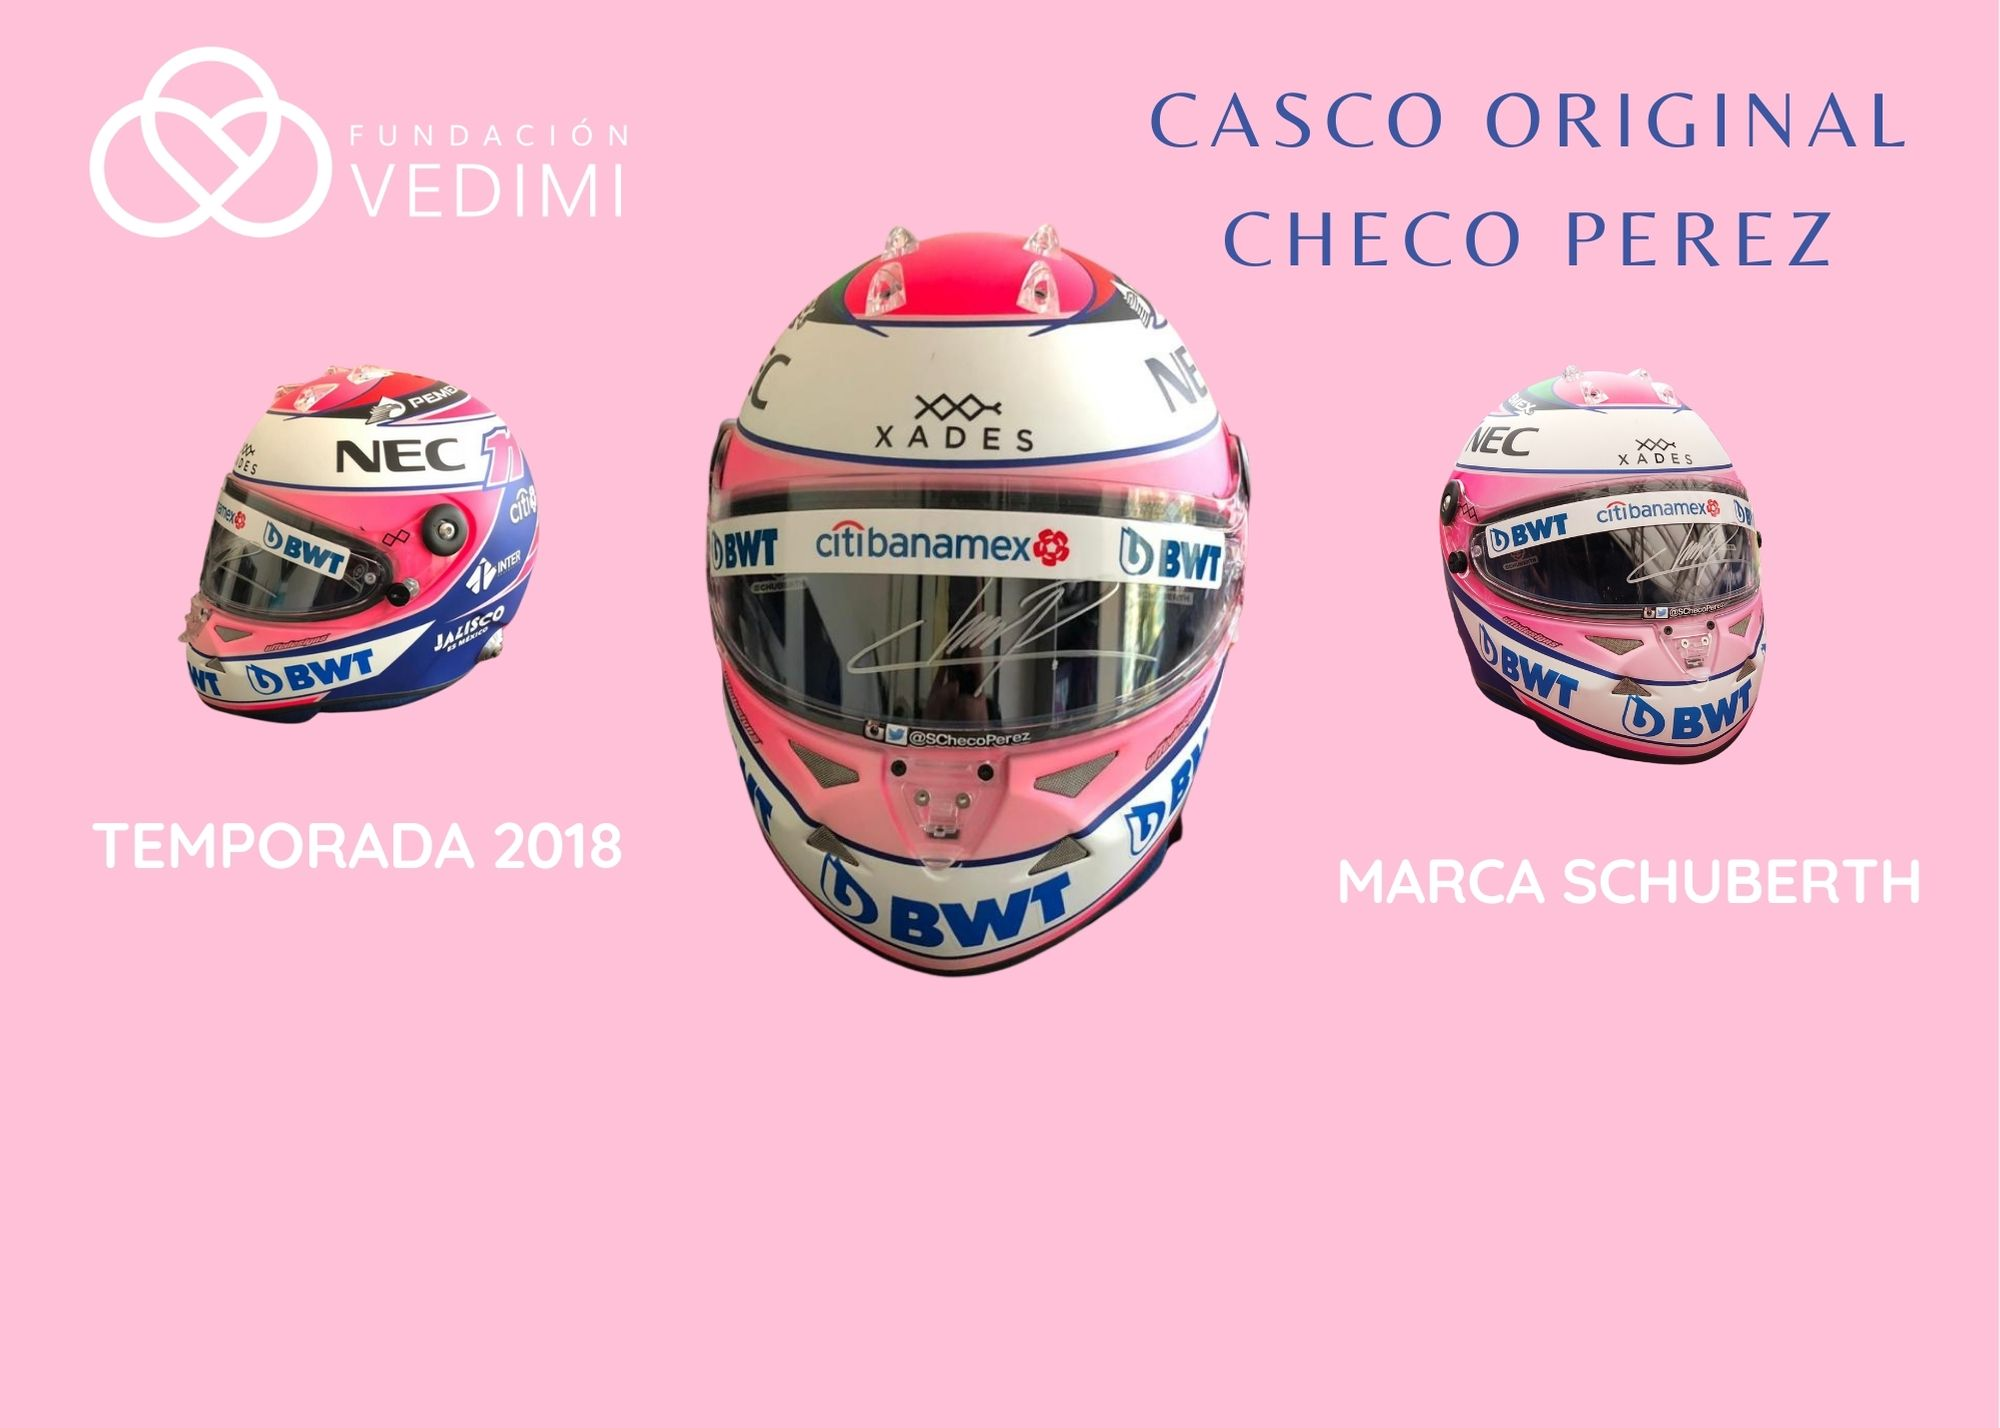 CASCO CHECO PEREZ